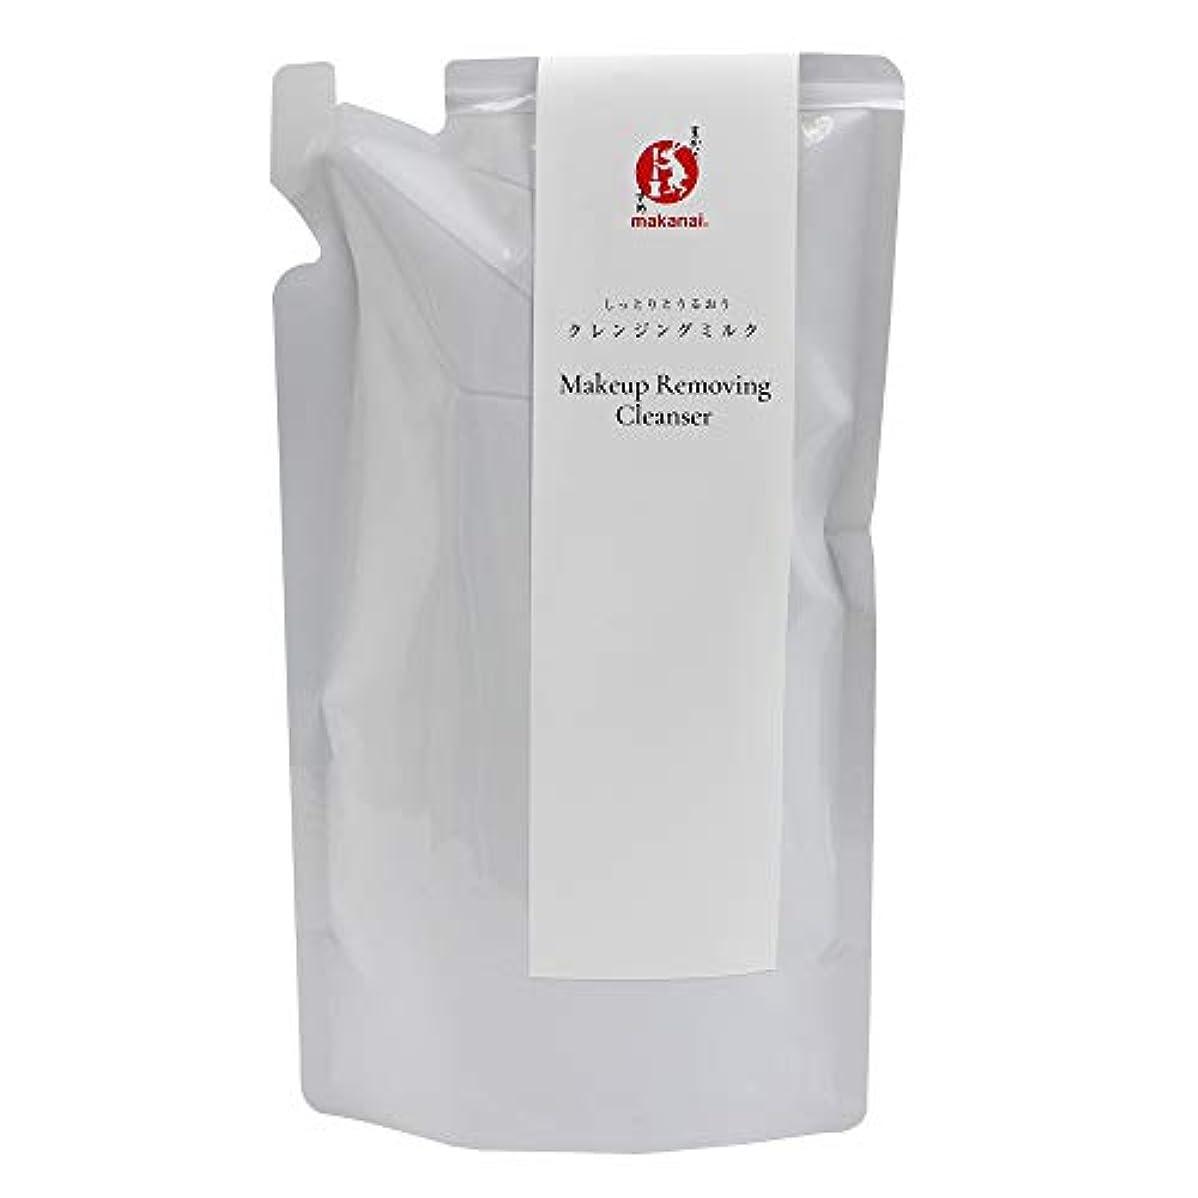 普及またね削減まかないこすめ しっとりとうるおうクレンジングミルク(詰め替え用) 140ml